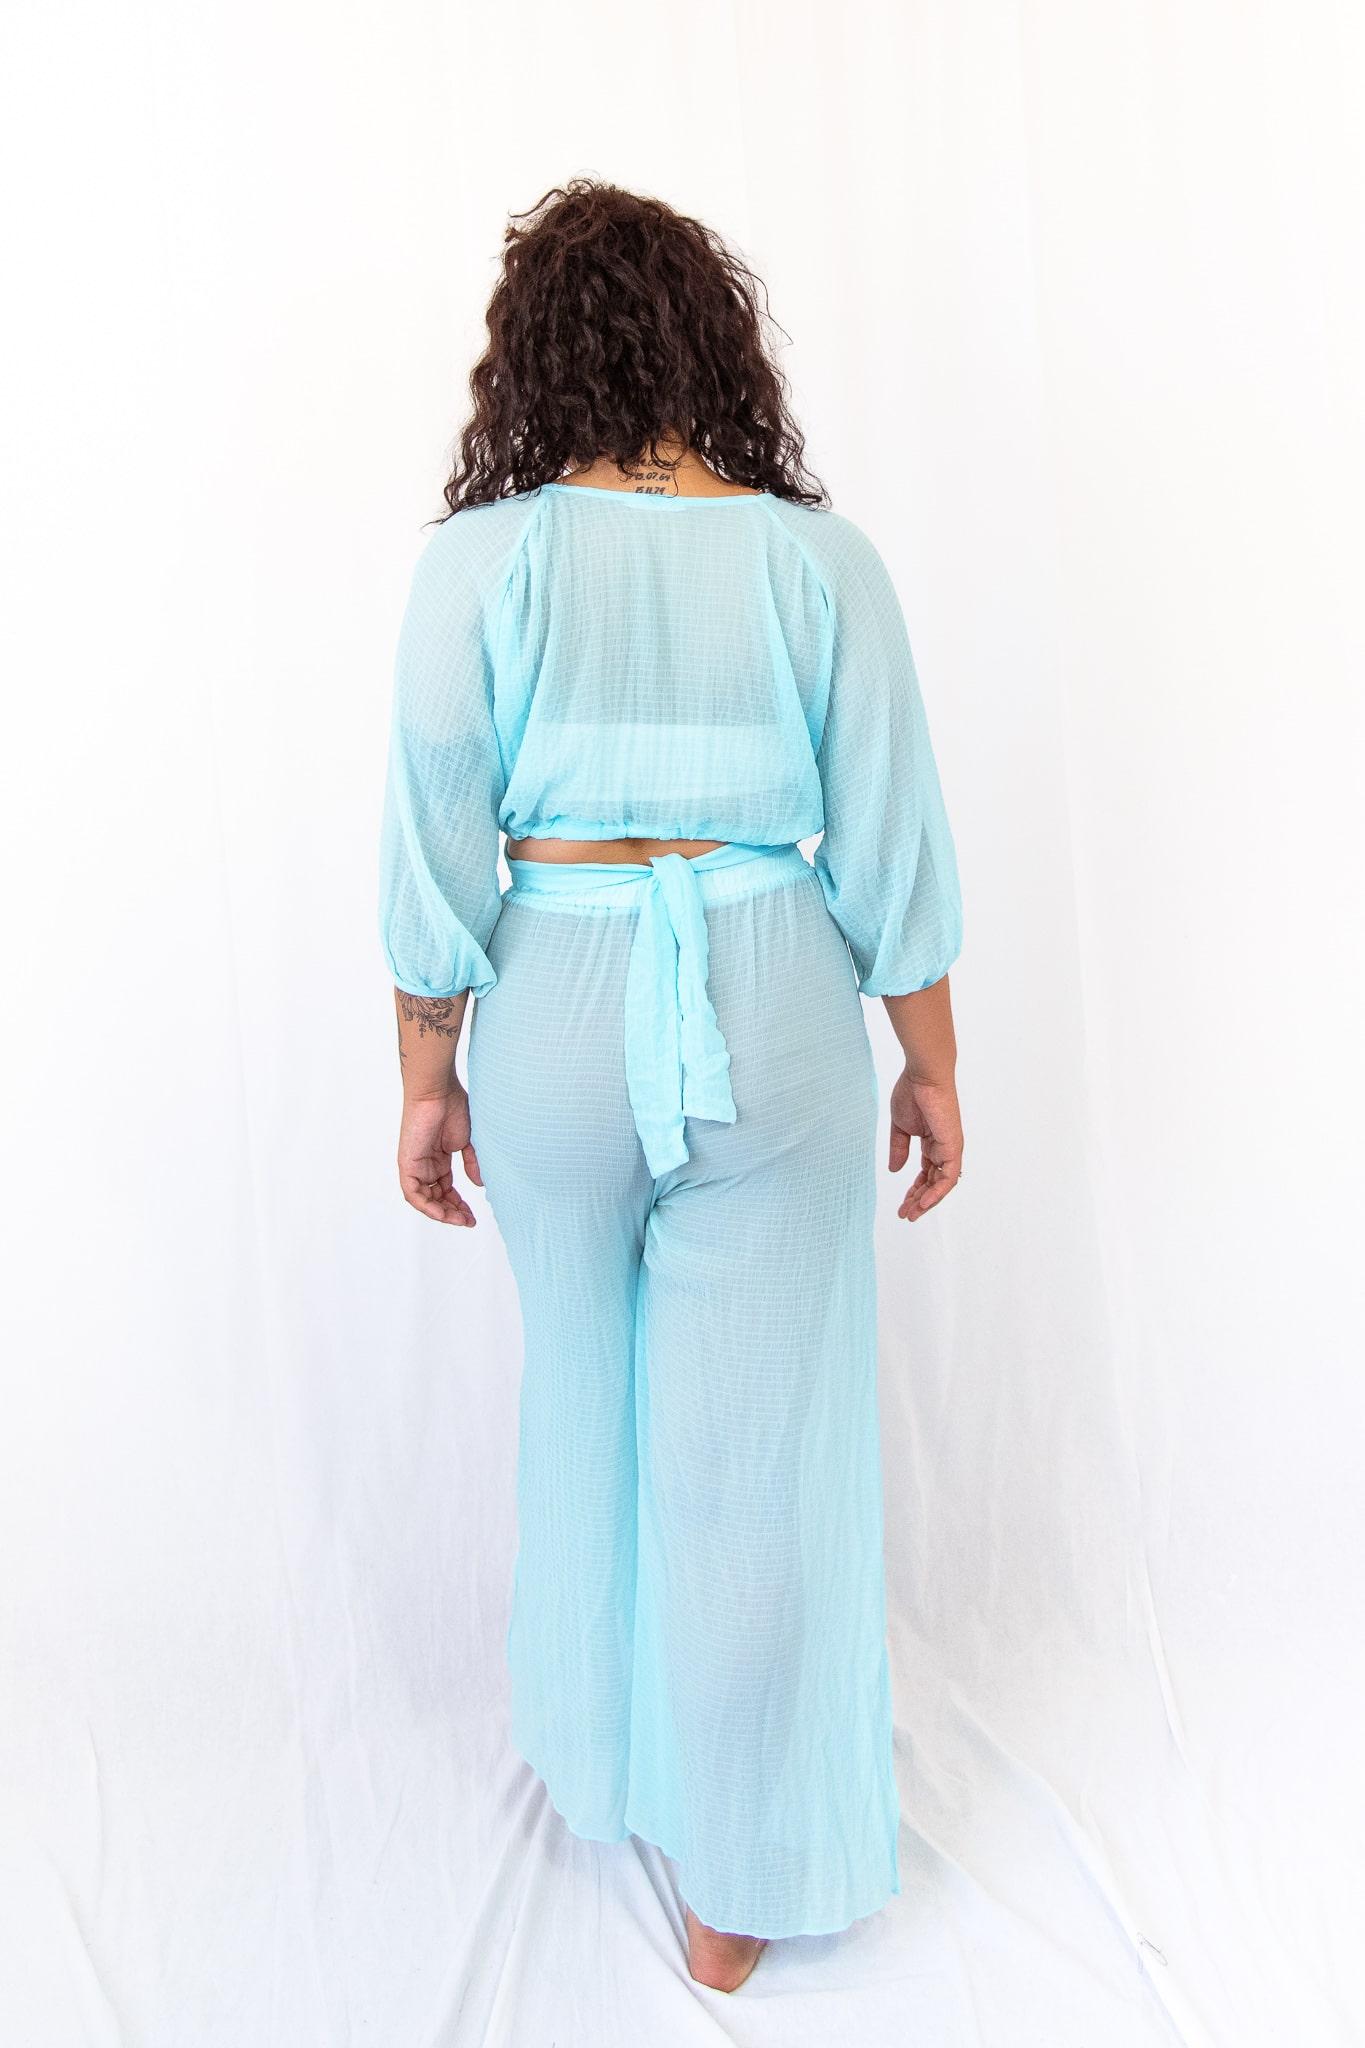 Calça transparente azul